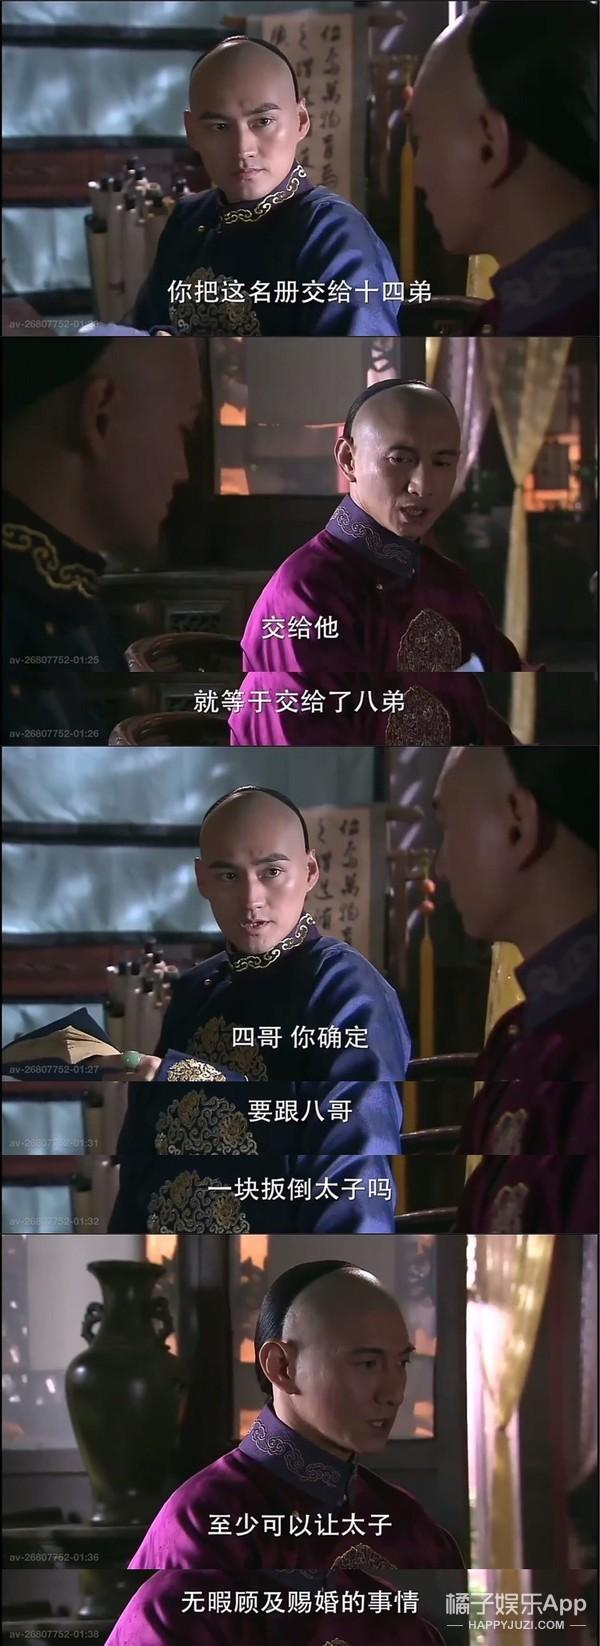 7个人喜欢杉菜、9个人喜欢东哥,电视剧谁的女主光环最亮?